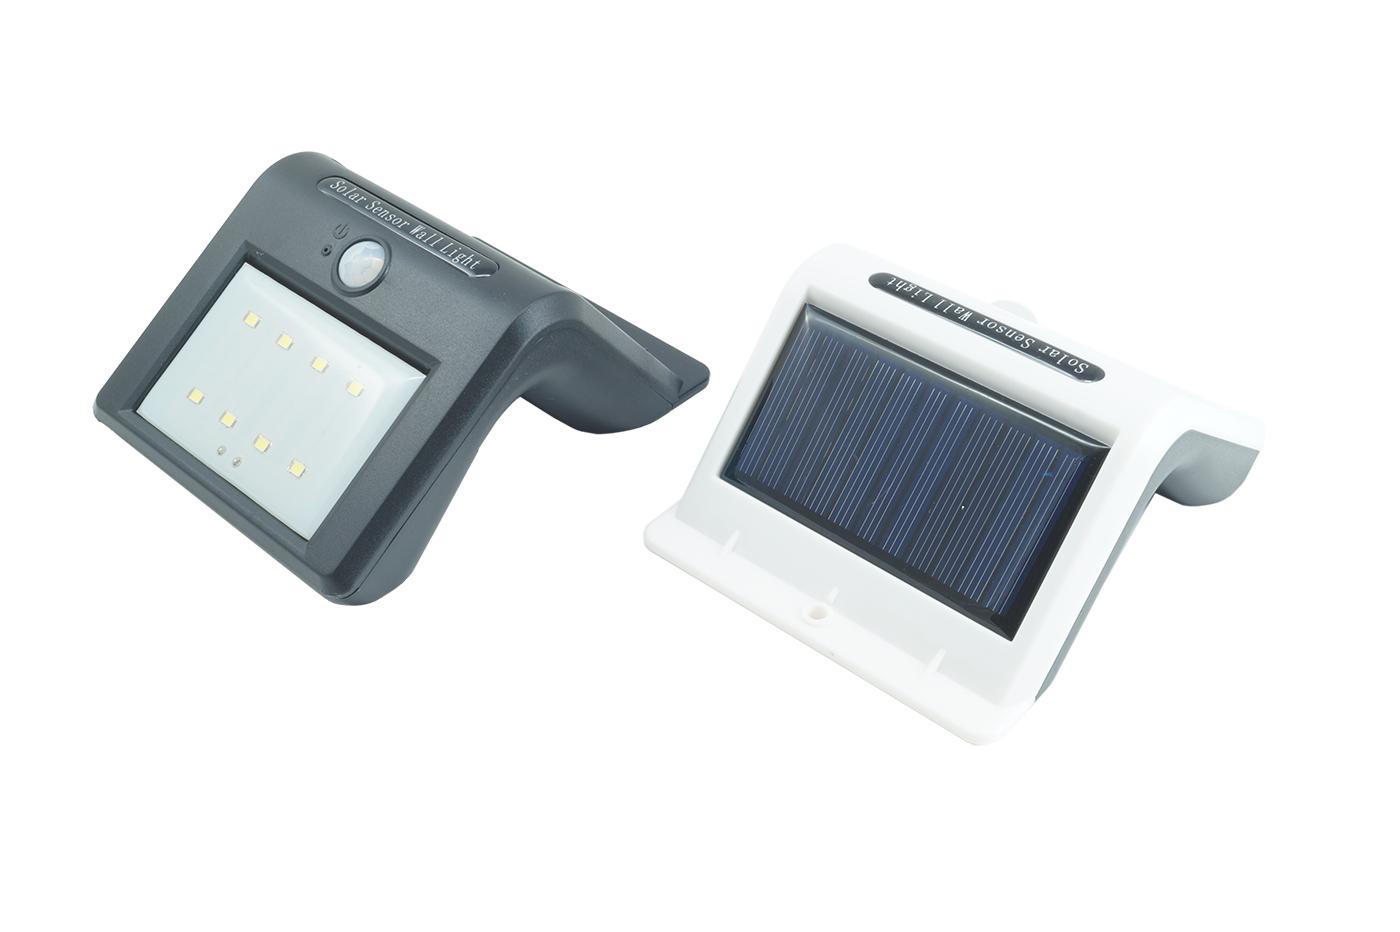 Plafoniera Esterno Sensore Movimento : Bes 22758 illuminazione ad energia solare beselettronica faro